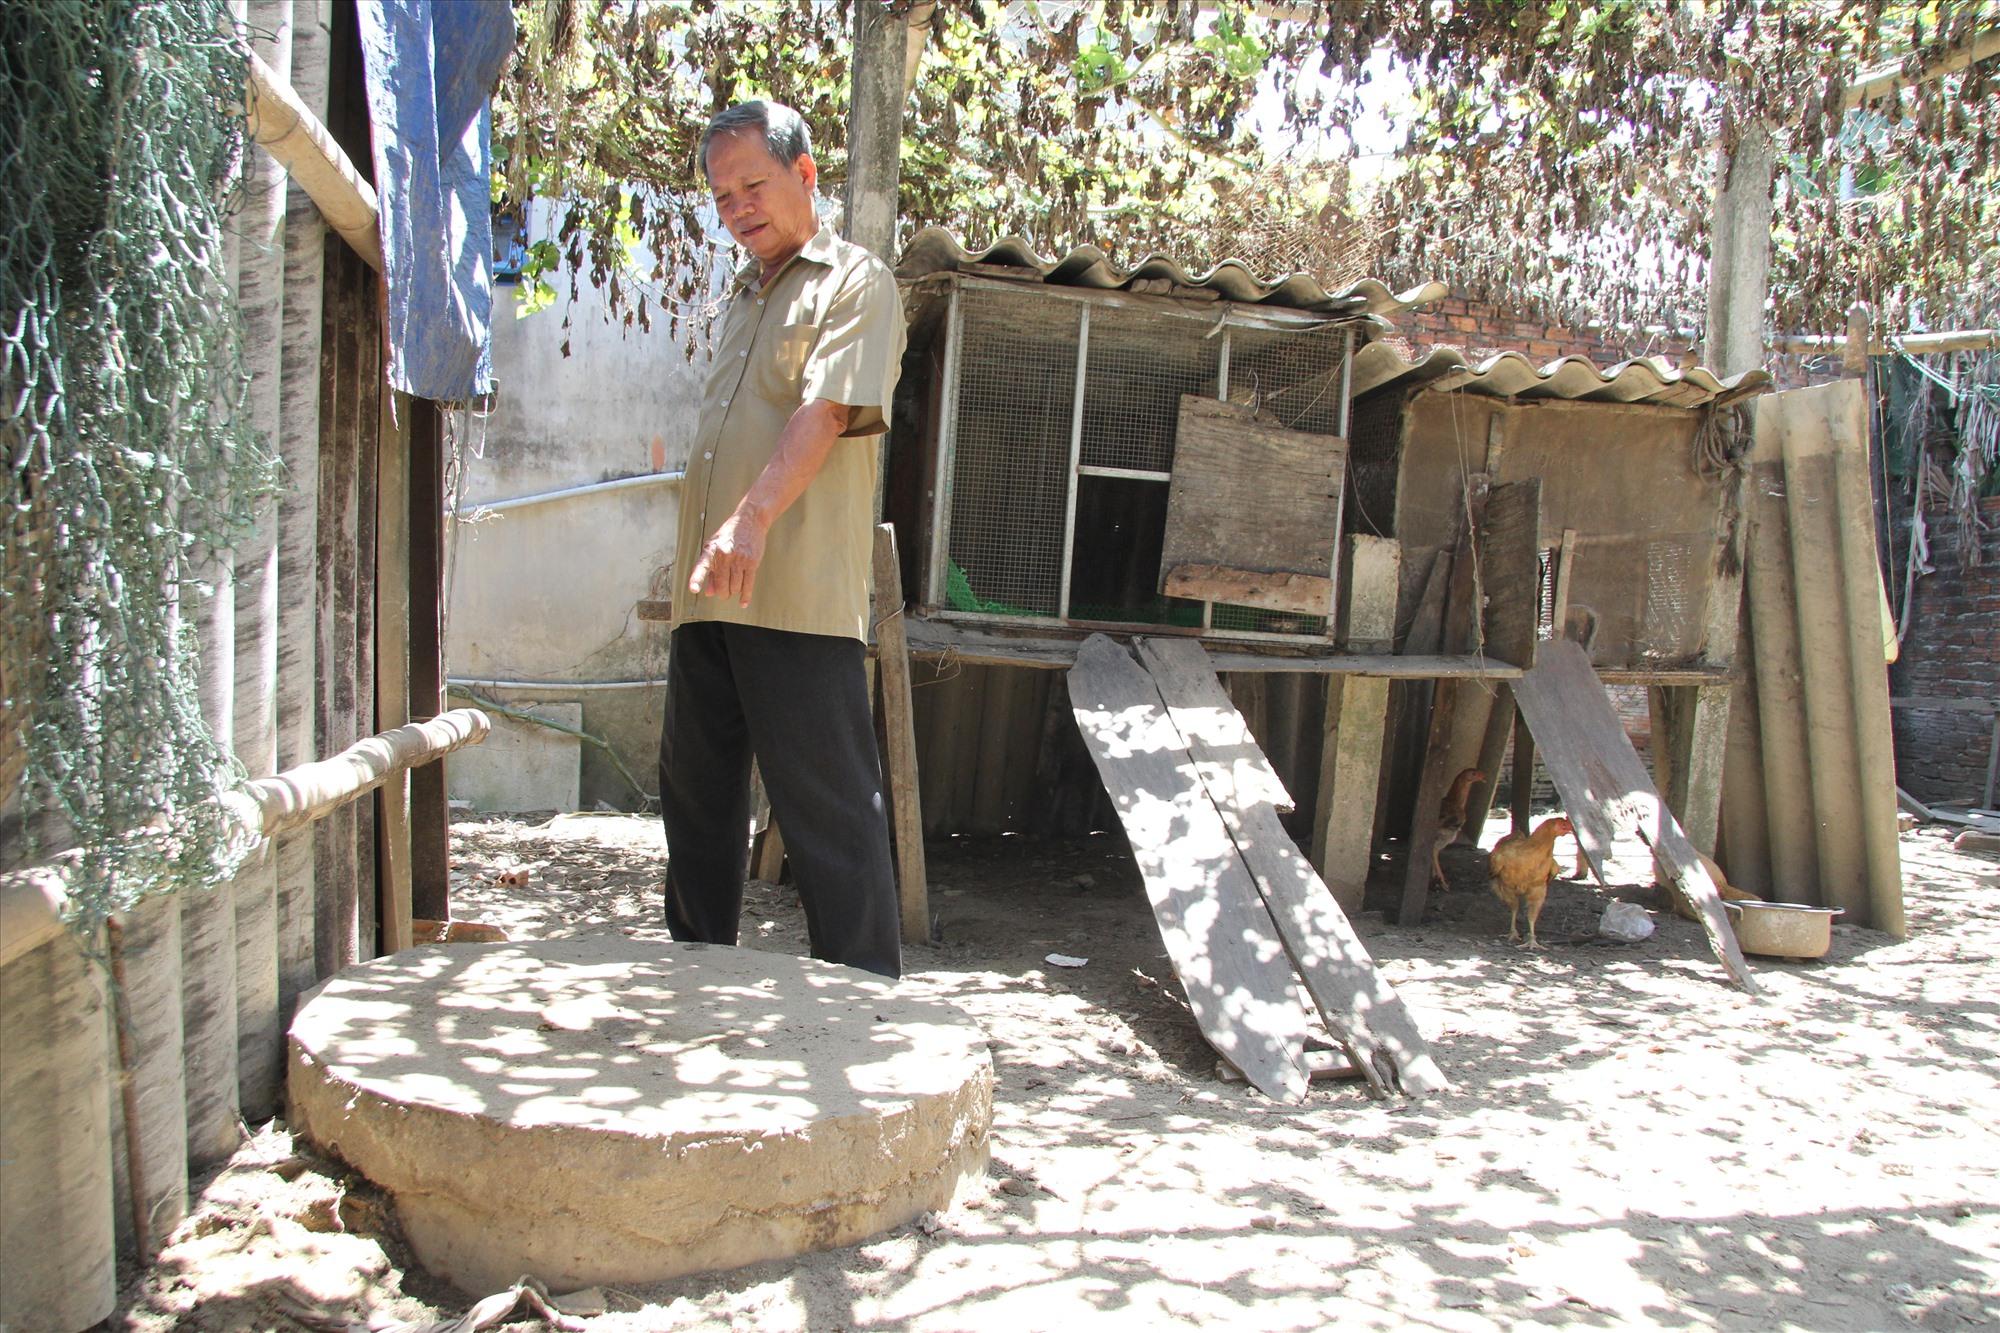 Mô hình bể lắng ngầm ủ phân tại một trang trại chăn nuôi lợn trên địa bàn xã Cẩm Kim (TP.Hội An).